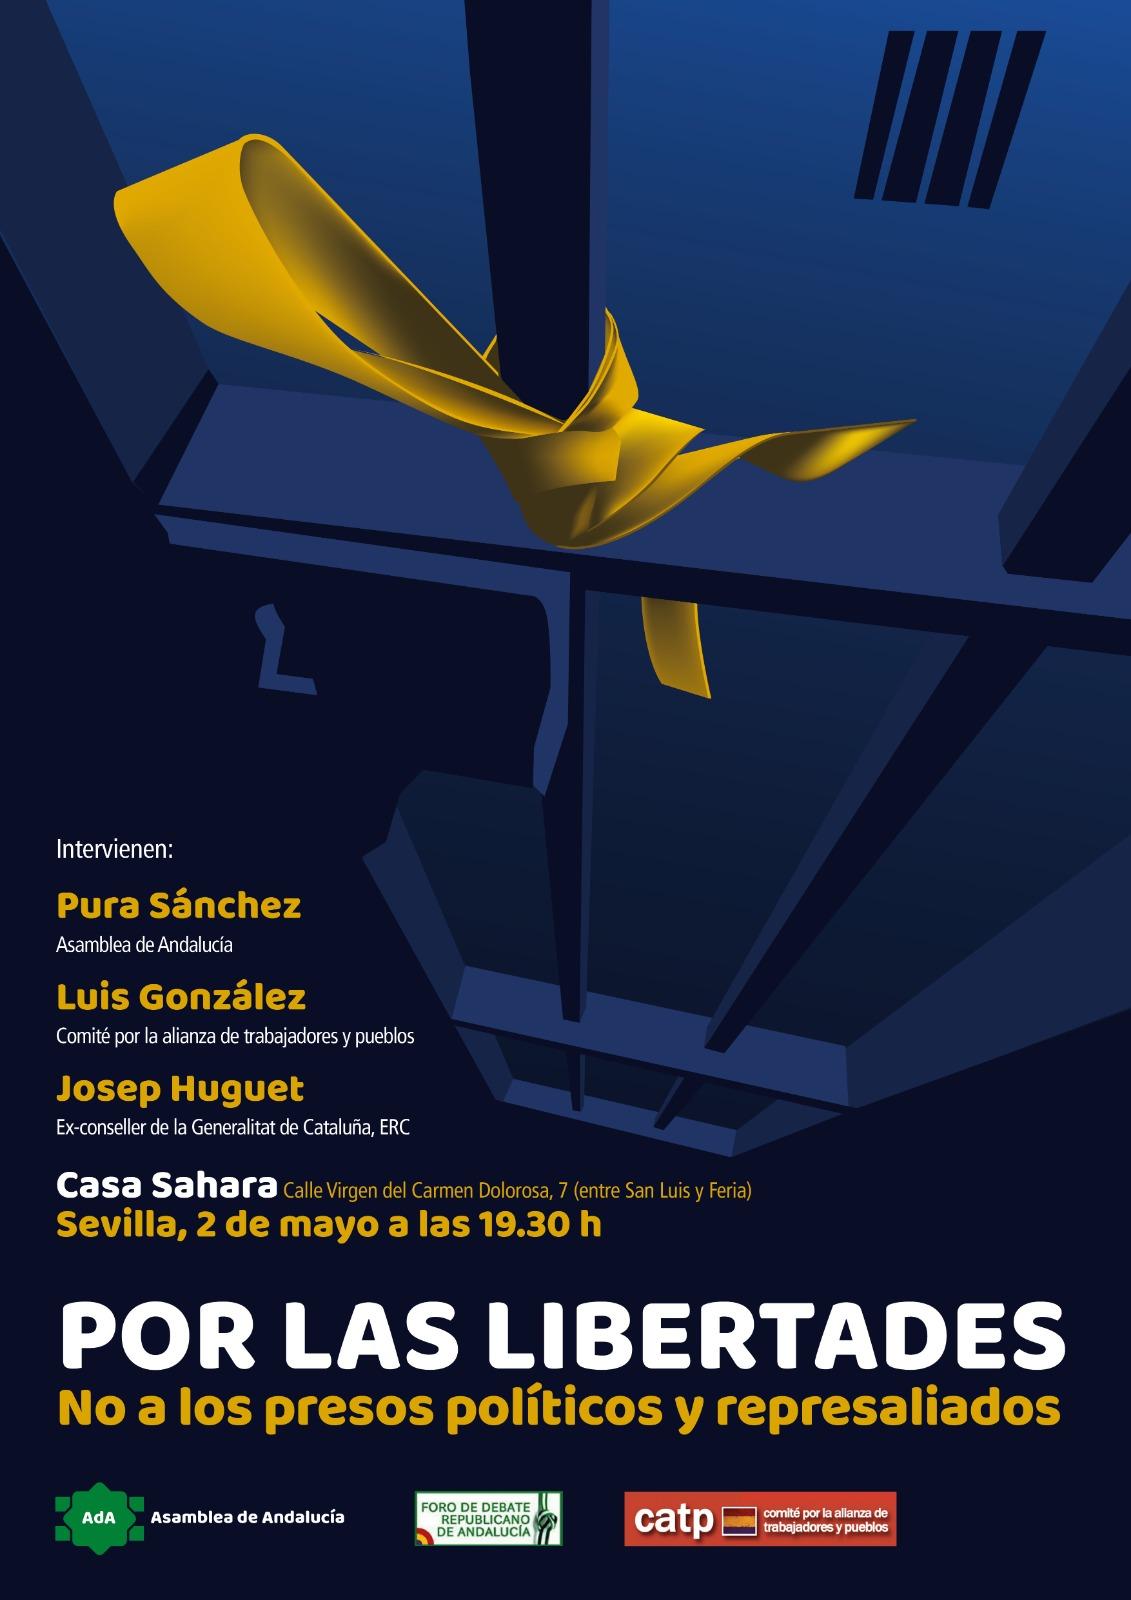 ACTO POR LAS LIBERTADES.No a los presos políticos y represaliados.